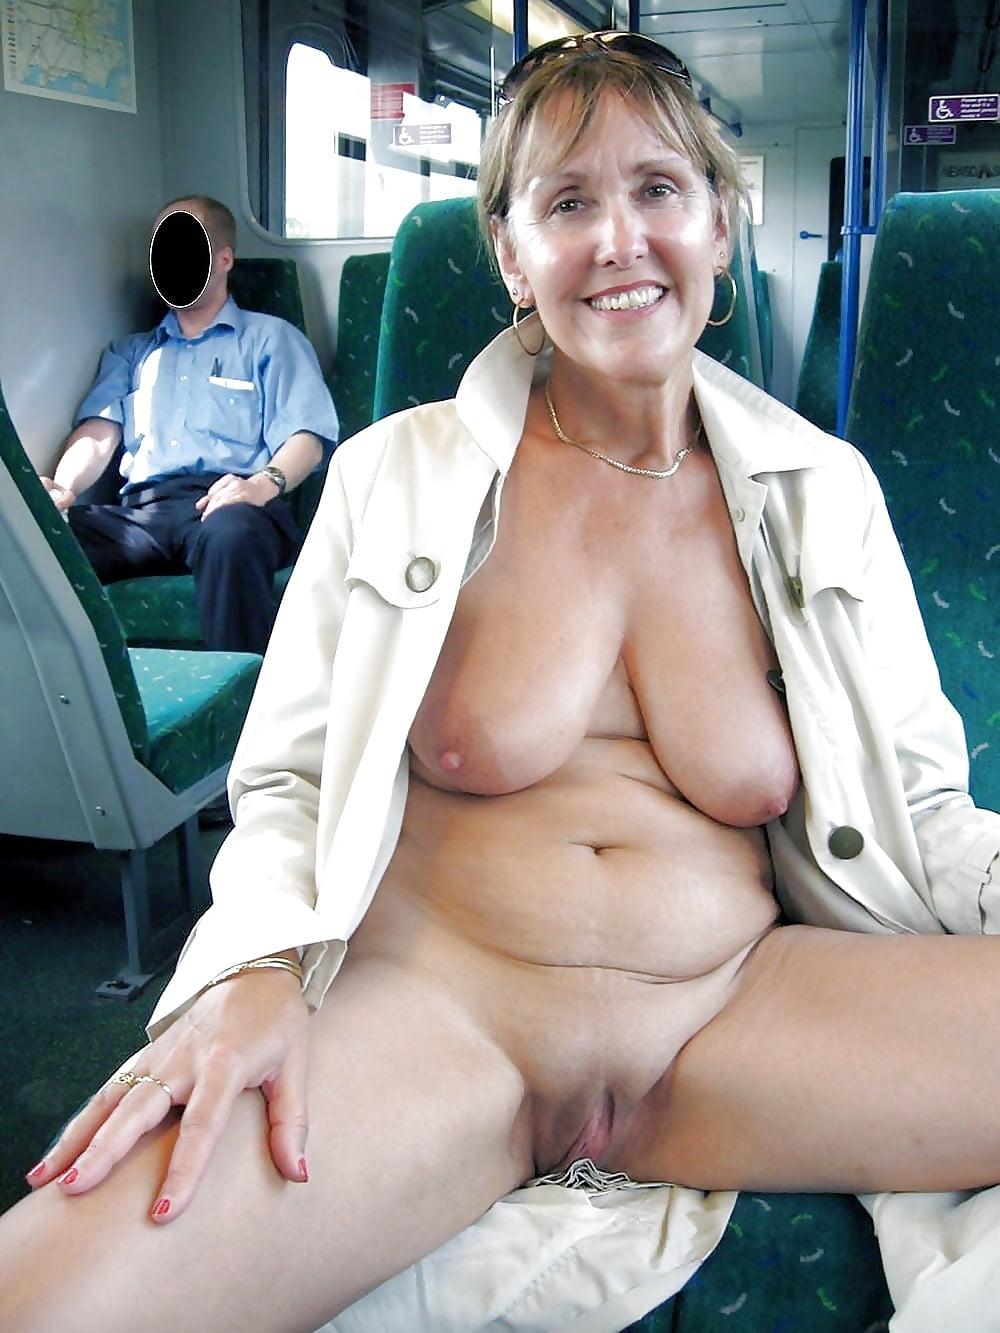 Profesora desnudos publicos